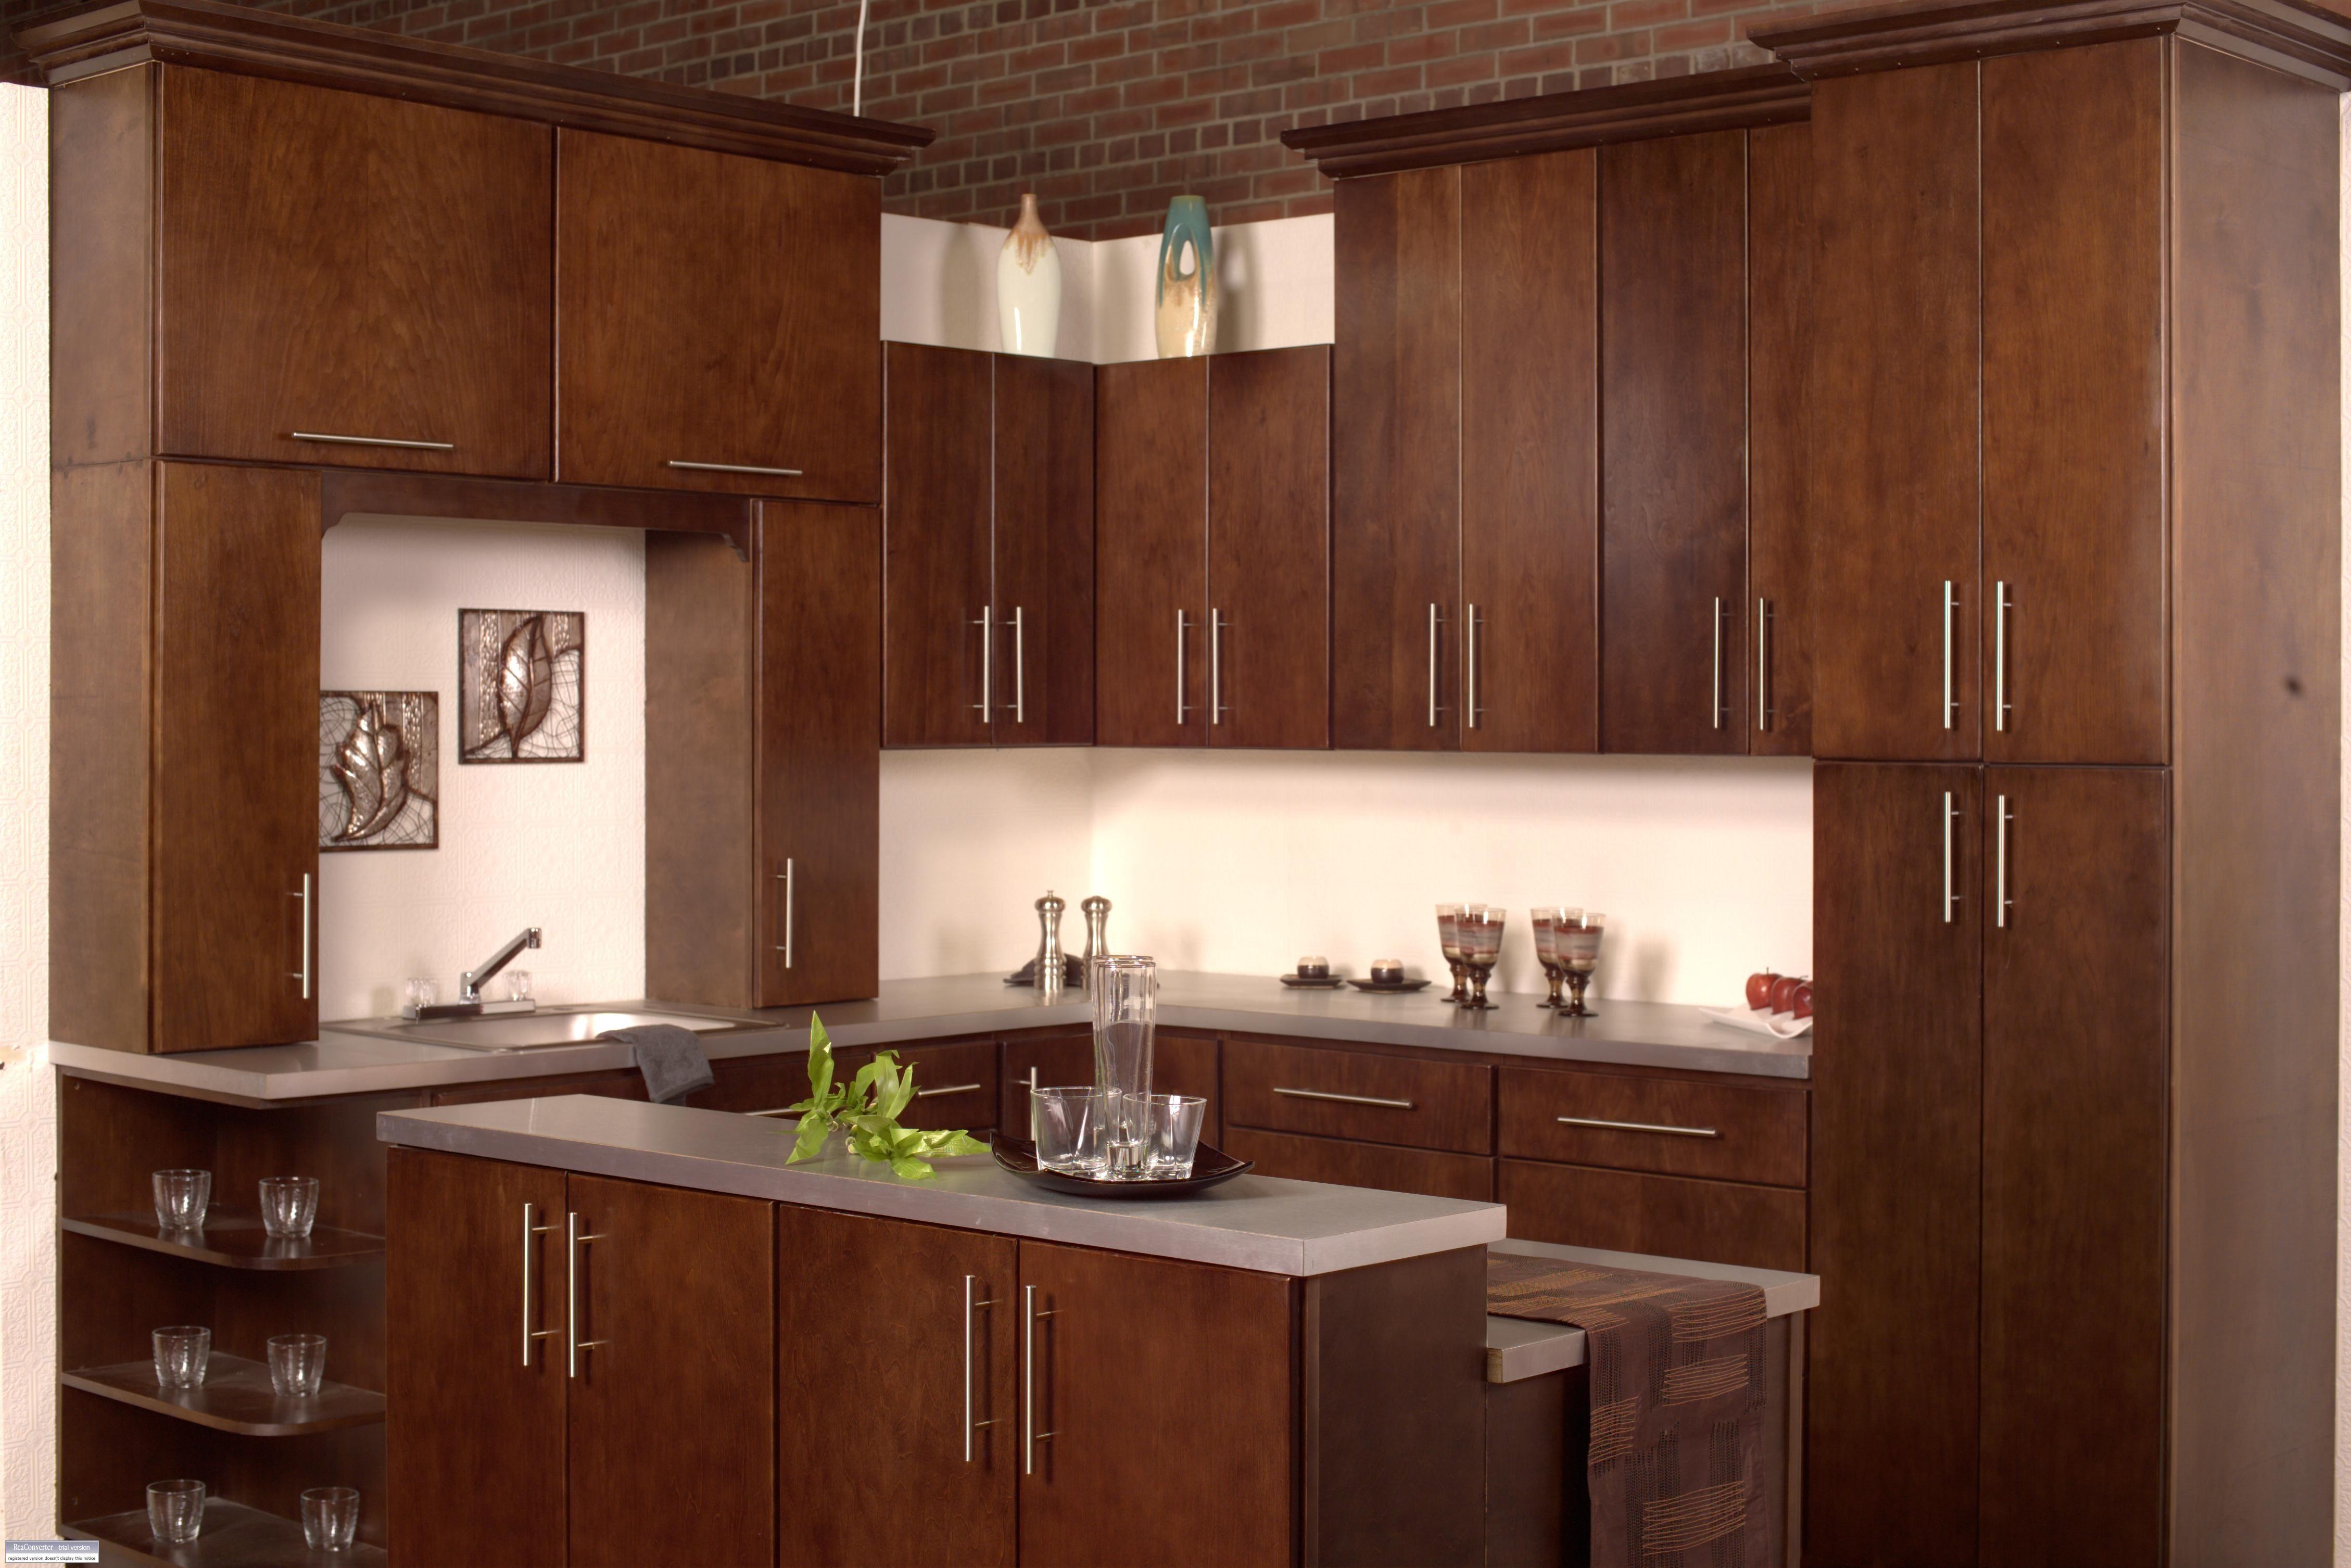 Best Kitchen Gallery: Flat Panel Cabi Doors Betdaffaires Pinterest Doors of Making Flat Cabinet Doors Kitchen on cal-ite.com